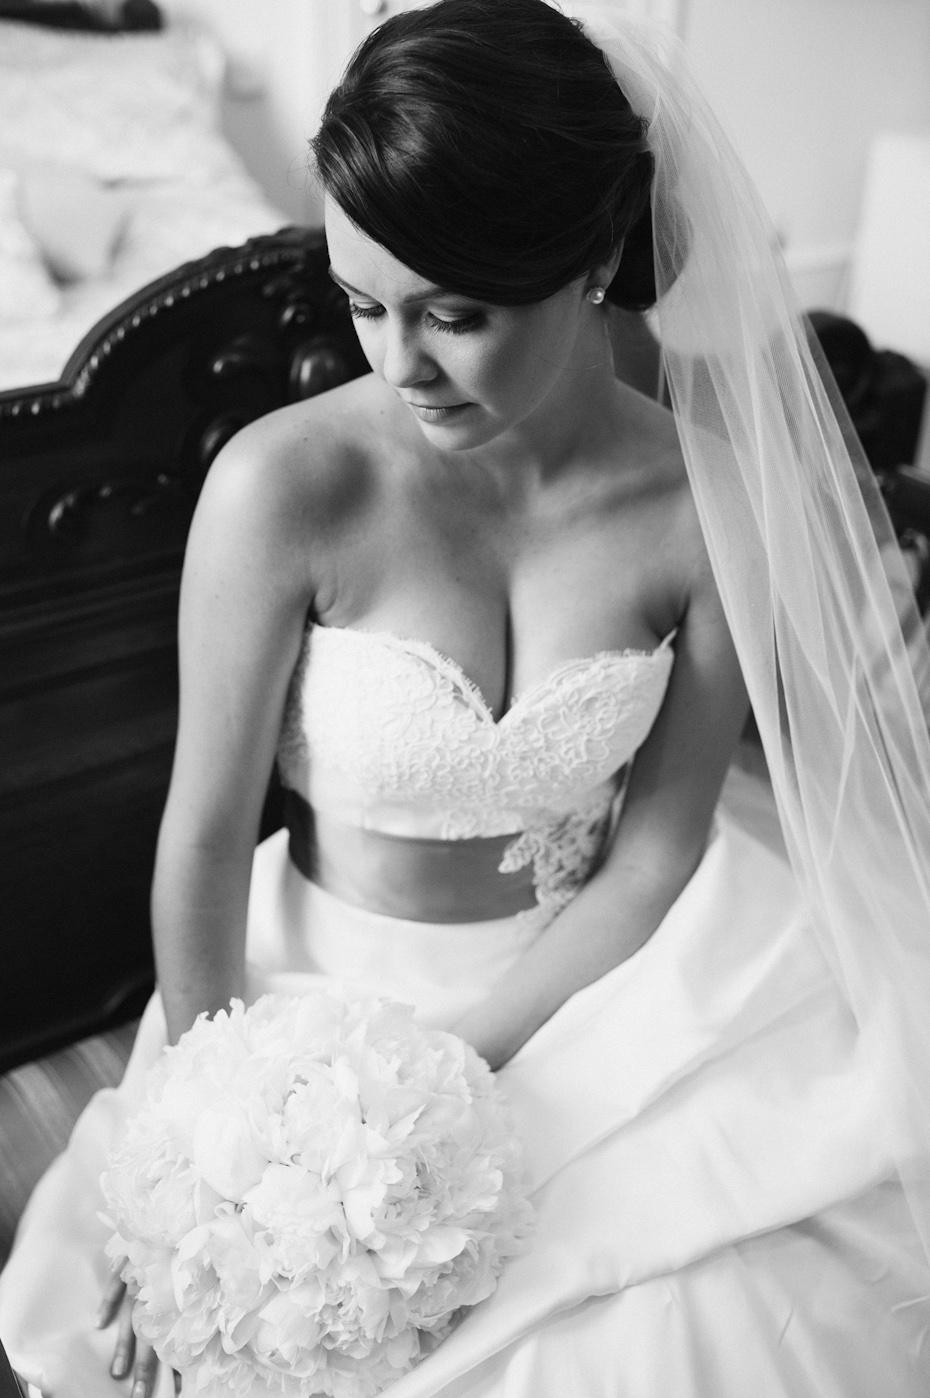 Jason Dufner Wife Amanda Boyd